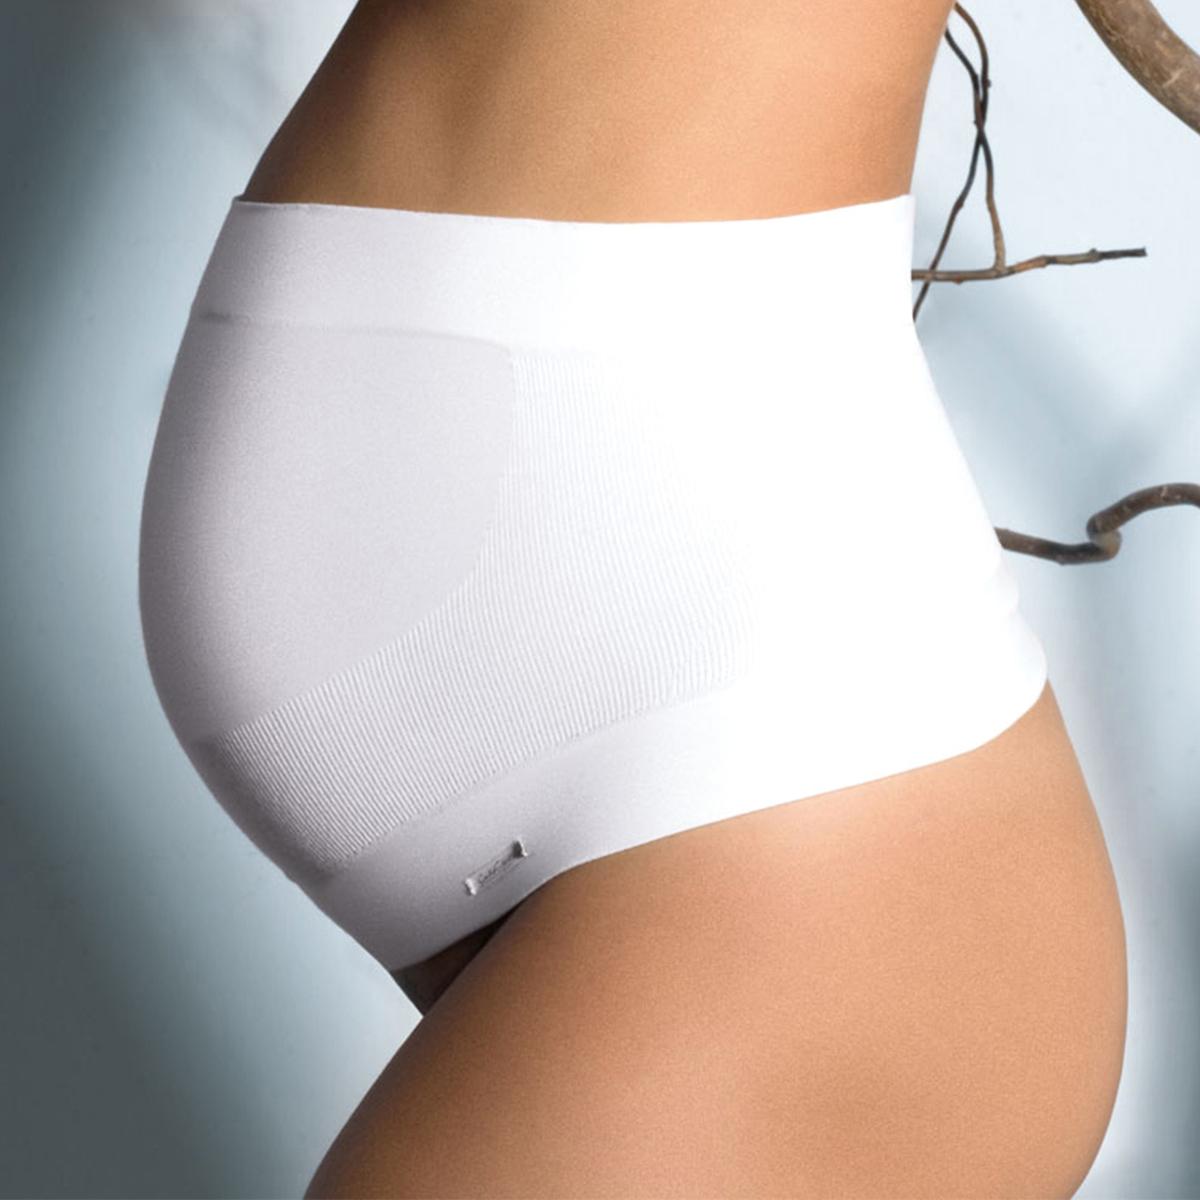 Бандаж поддерживающий для периода беременности Bio SignatureБандаж поддерживающий для периода беременности Bio Signature от Cache-C?ur. Этот бандаж обеспечивает поддержку живота в течение всей беременности. Он адаптируется к физиологическим изменениям в организме беременной женщины. Без швов. Из биохлопка.                               Состав и описание               Материал      86% хлопка, 10% полиамида, 4% эластана                Марка    CACHE-C?UR                              Уход                                             Машинная стирка при 30 °C<br><br>Цвет: экрю<br>Размер: S